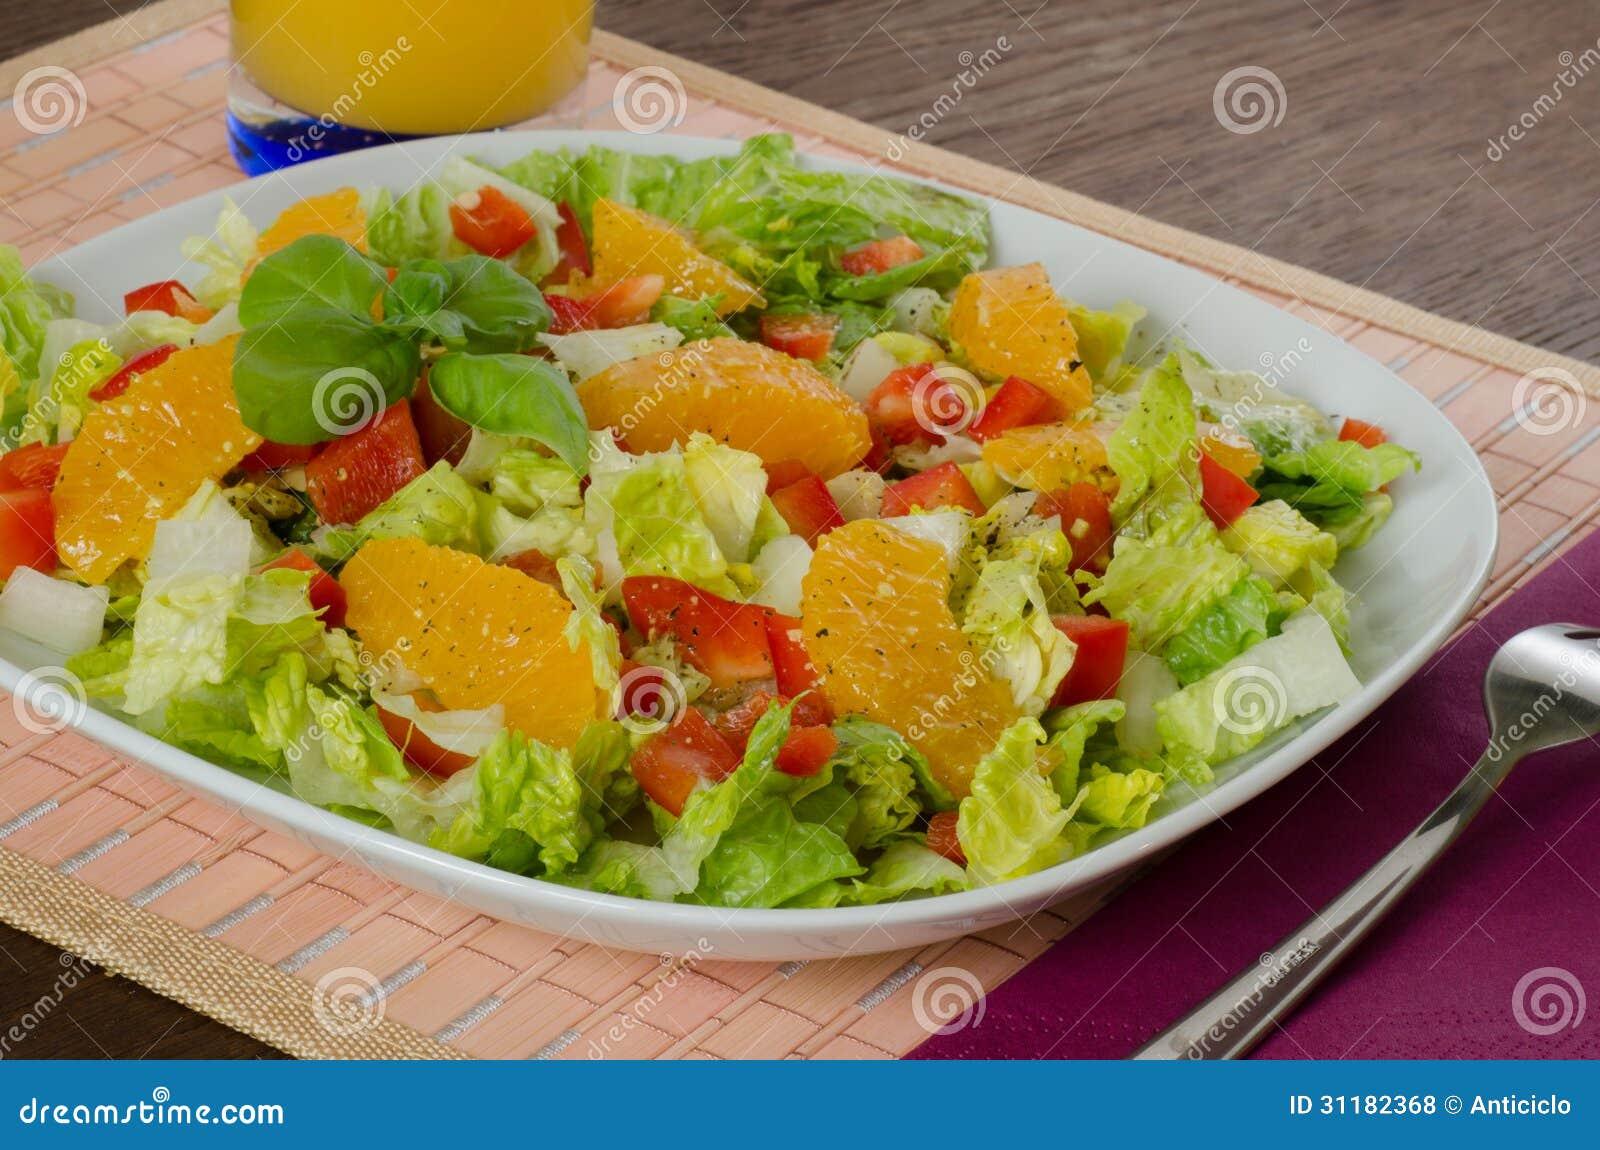 Salade verte avec le poivron rouge et l 39 orange fra che photos libres de droits image 31182368 - Salade verte calorie ...